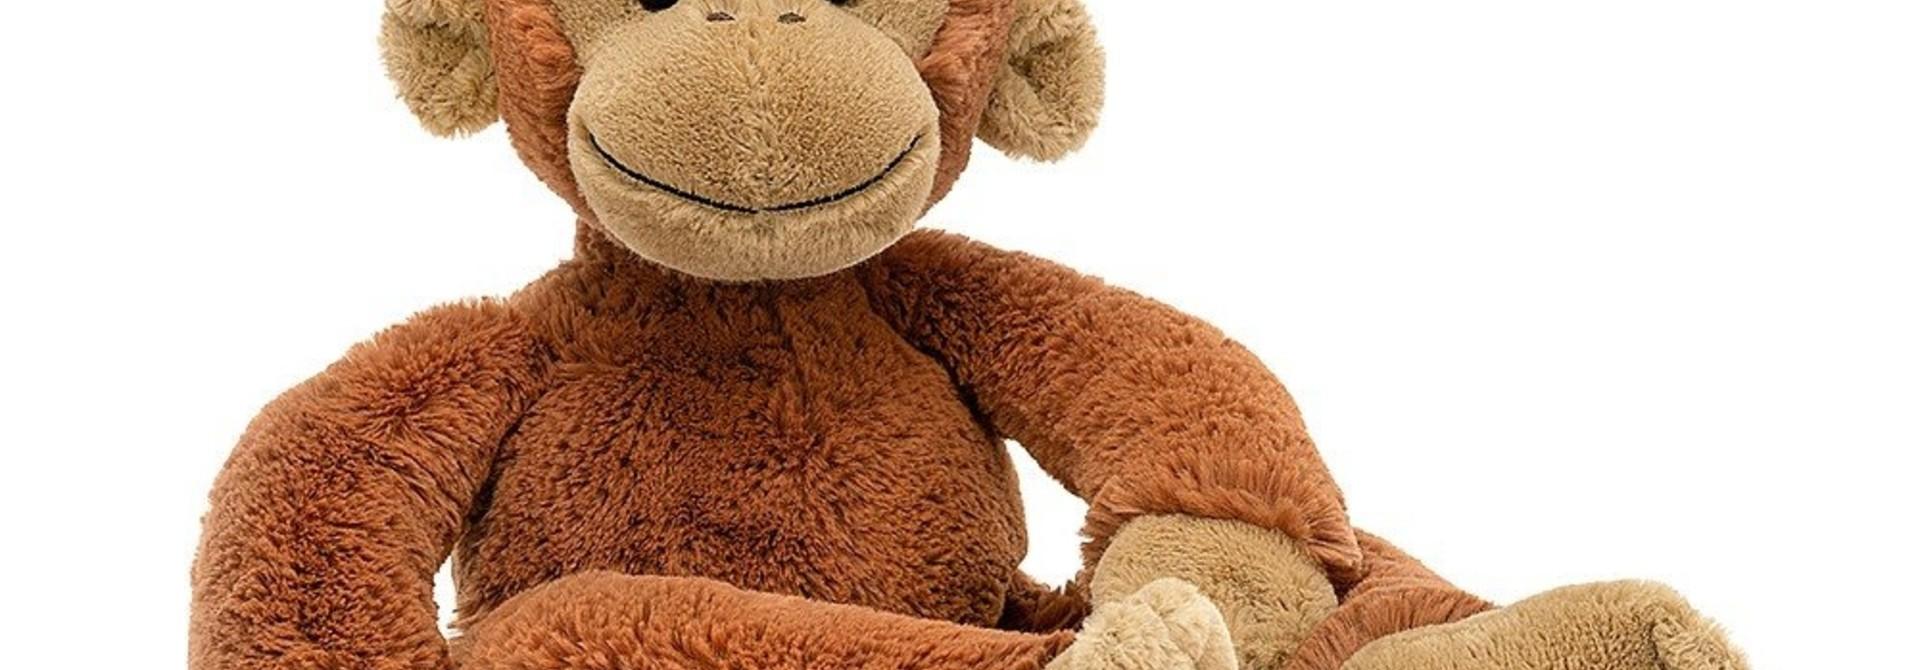 Pongo Orangutan